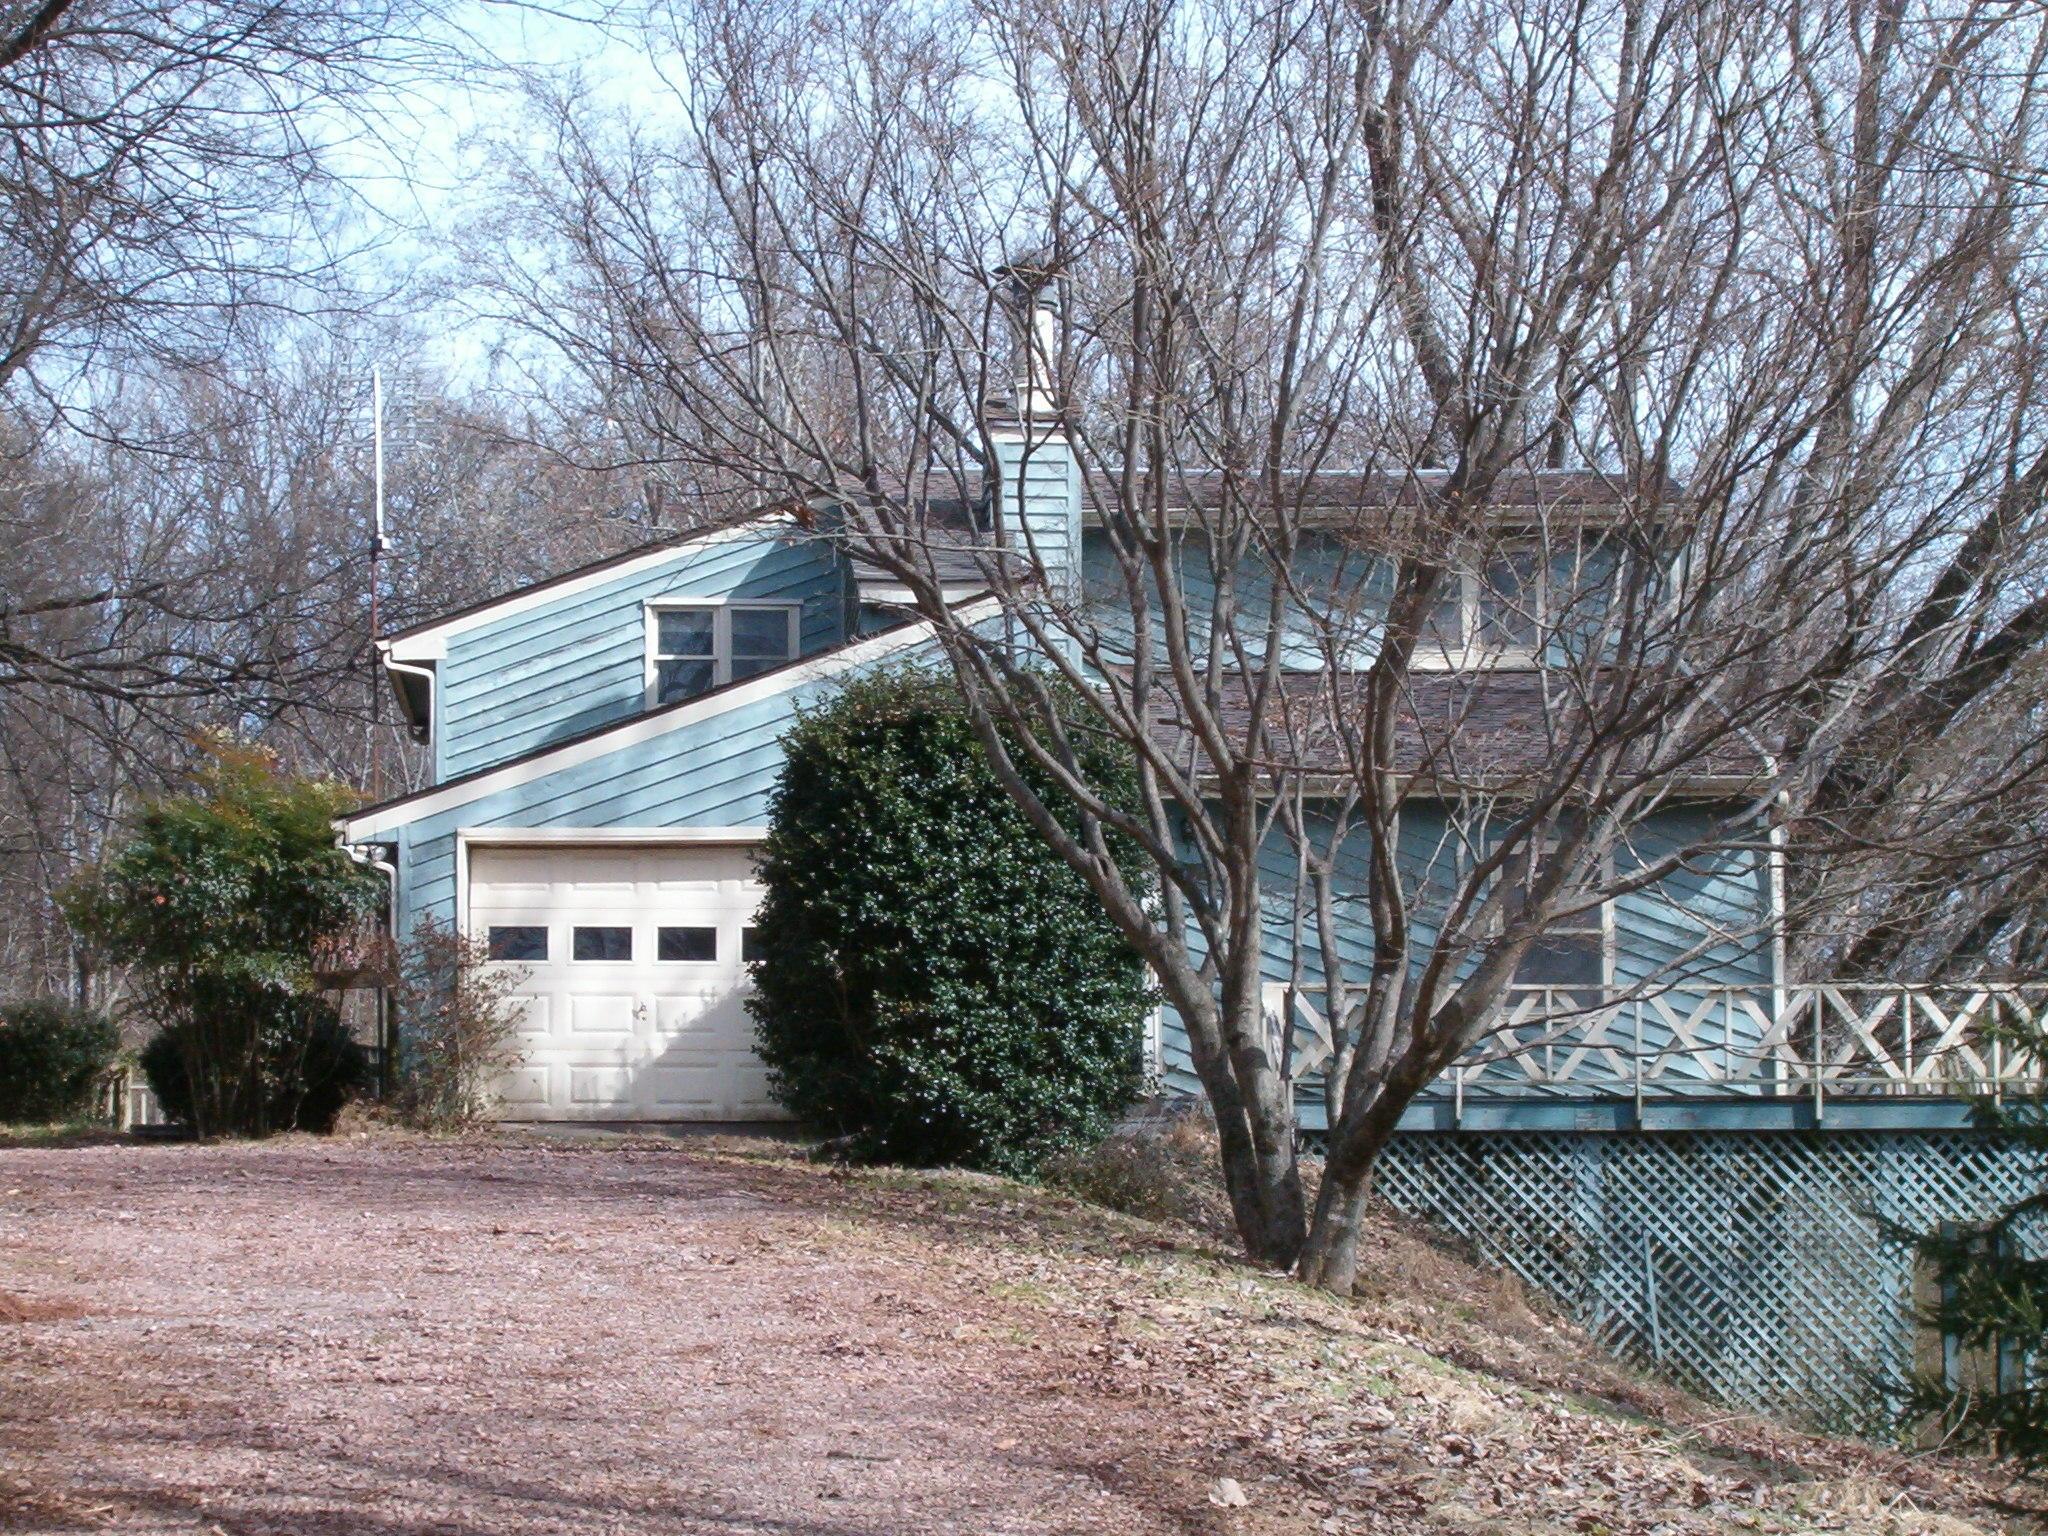 369 Craighead Rd, Madisonville, TN 37354